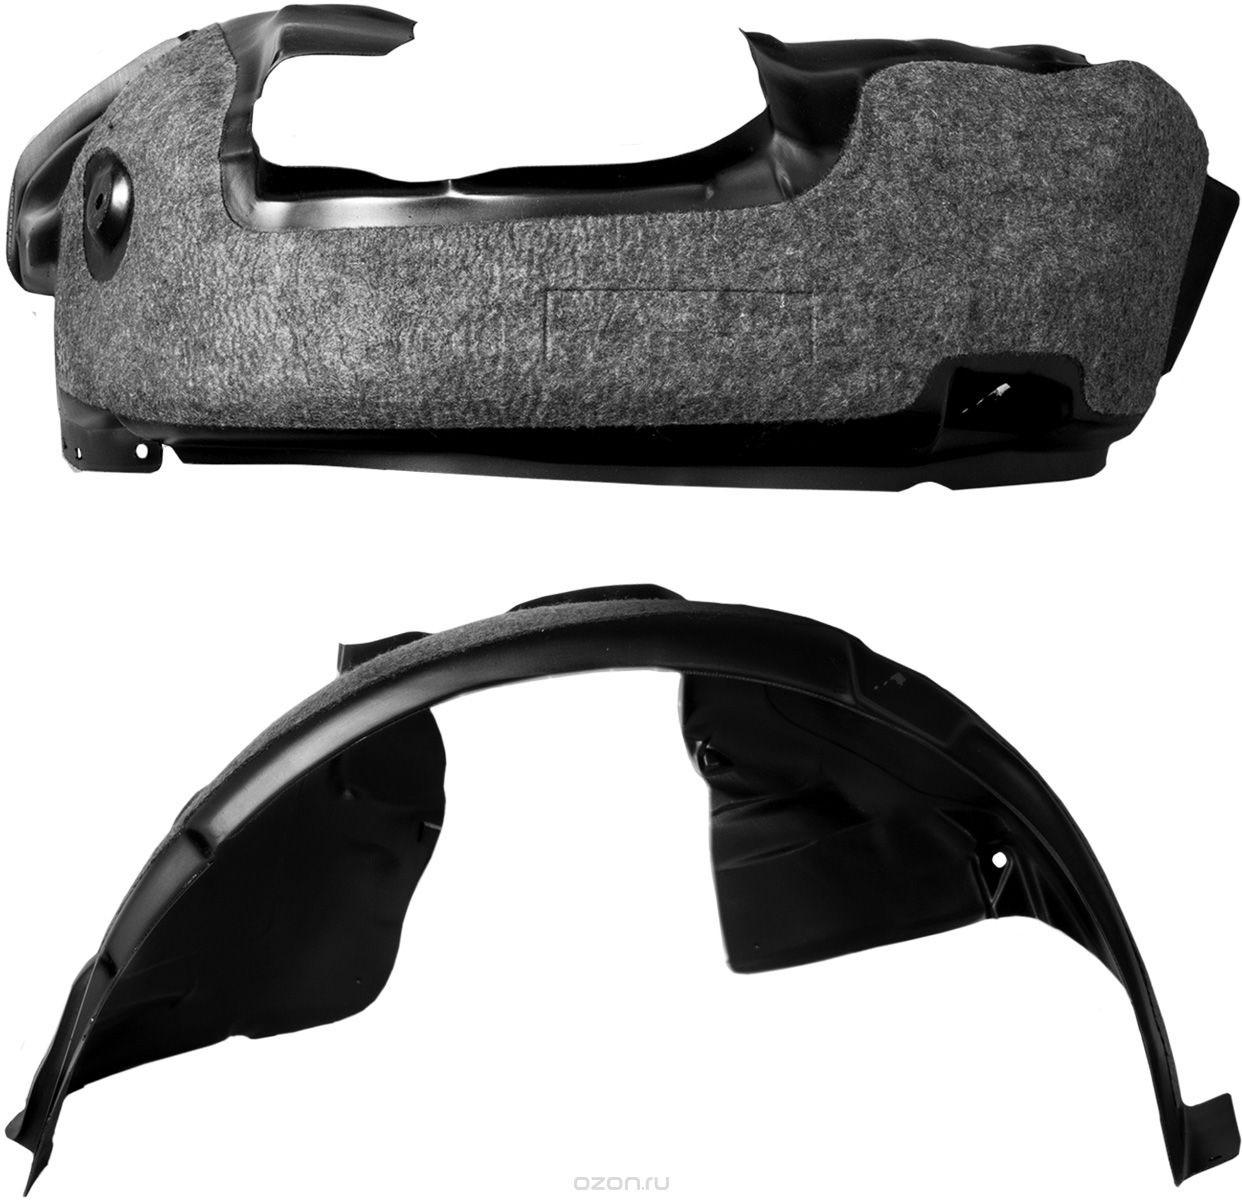 Подкрылок Novline-Autofamily с шумоизоляцией, для Renault Sandero Stepway, 11/2014->, хэтчбек, задний левыйNLS.41.36.003Идеальная защита колесной ниши. Локеры разработаны с применением цифровых технологий, гарантируют максимальную повторяемость поверхности арки. Изделия устанавливаются без нарушения лакокрасочного покрытия автомобиля, каждый подкрылок комплектуется крепежом. Уважаемые клиенты, обращаем ваше внимание, что фотографии на подкрылки универсальные и не отражают реальную форму изделия. При этом само изделие идет точно под размер указанного автомобиля.